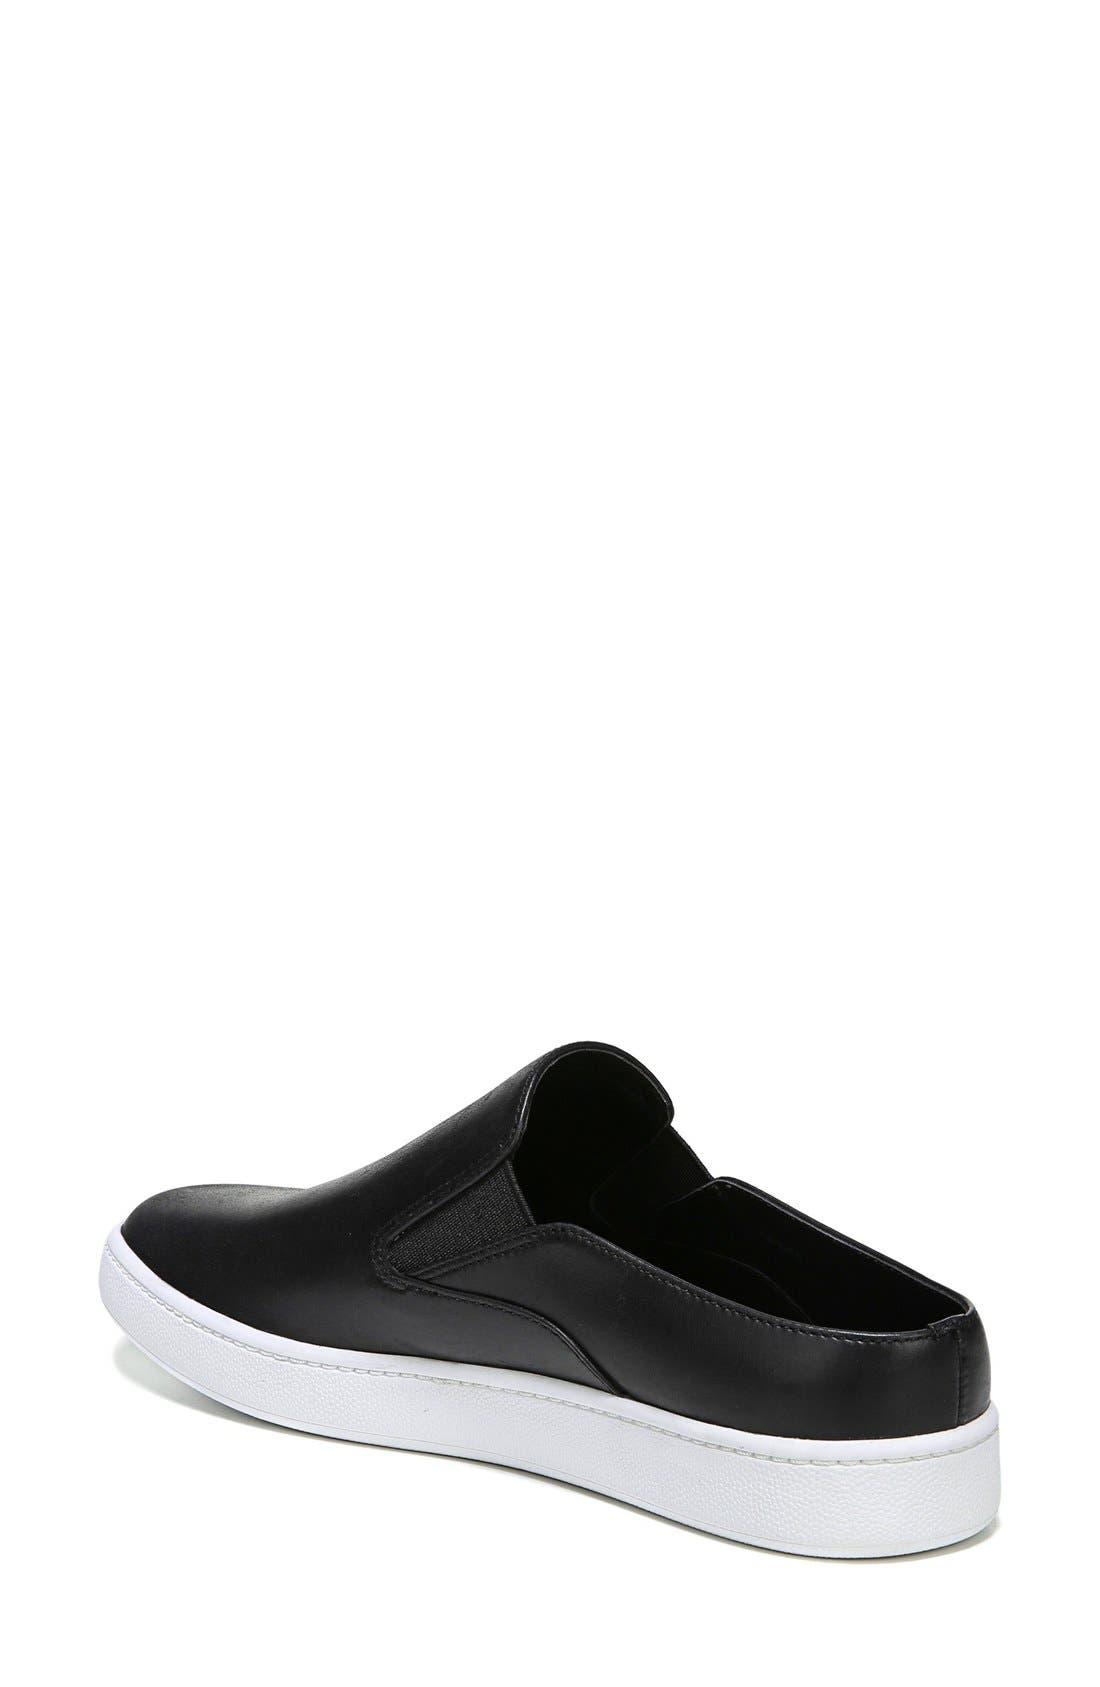 Verrell Slip-On Sneaker,                             Alternate thumbnail 16, color,